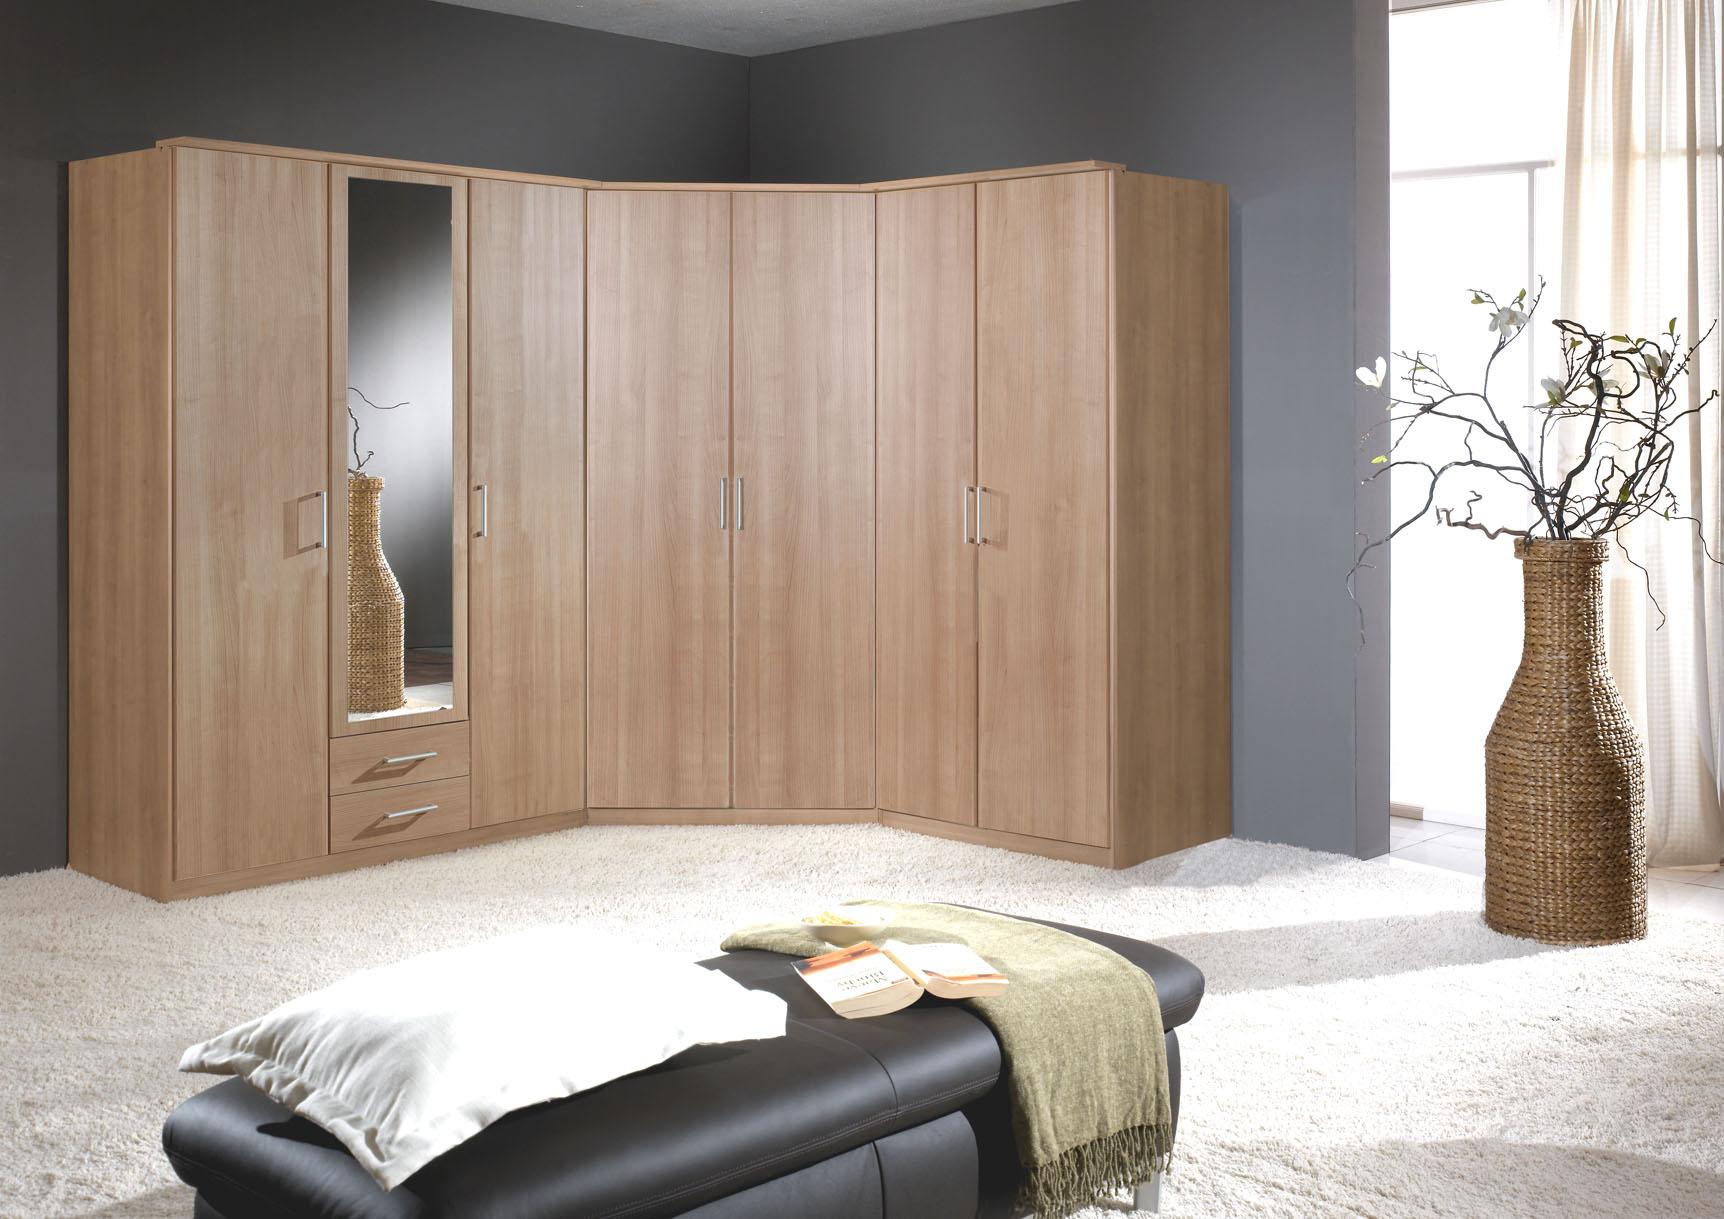 Угловой шкаф в интерьере спальни из дуба